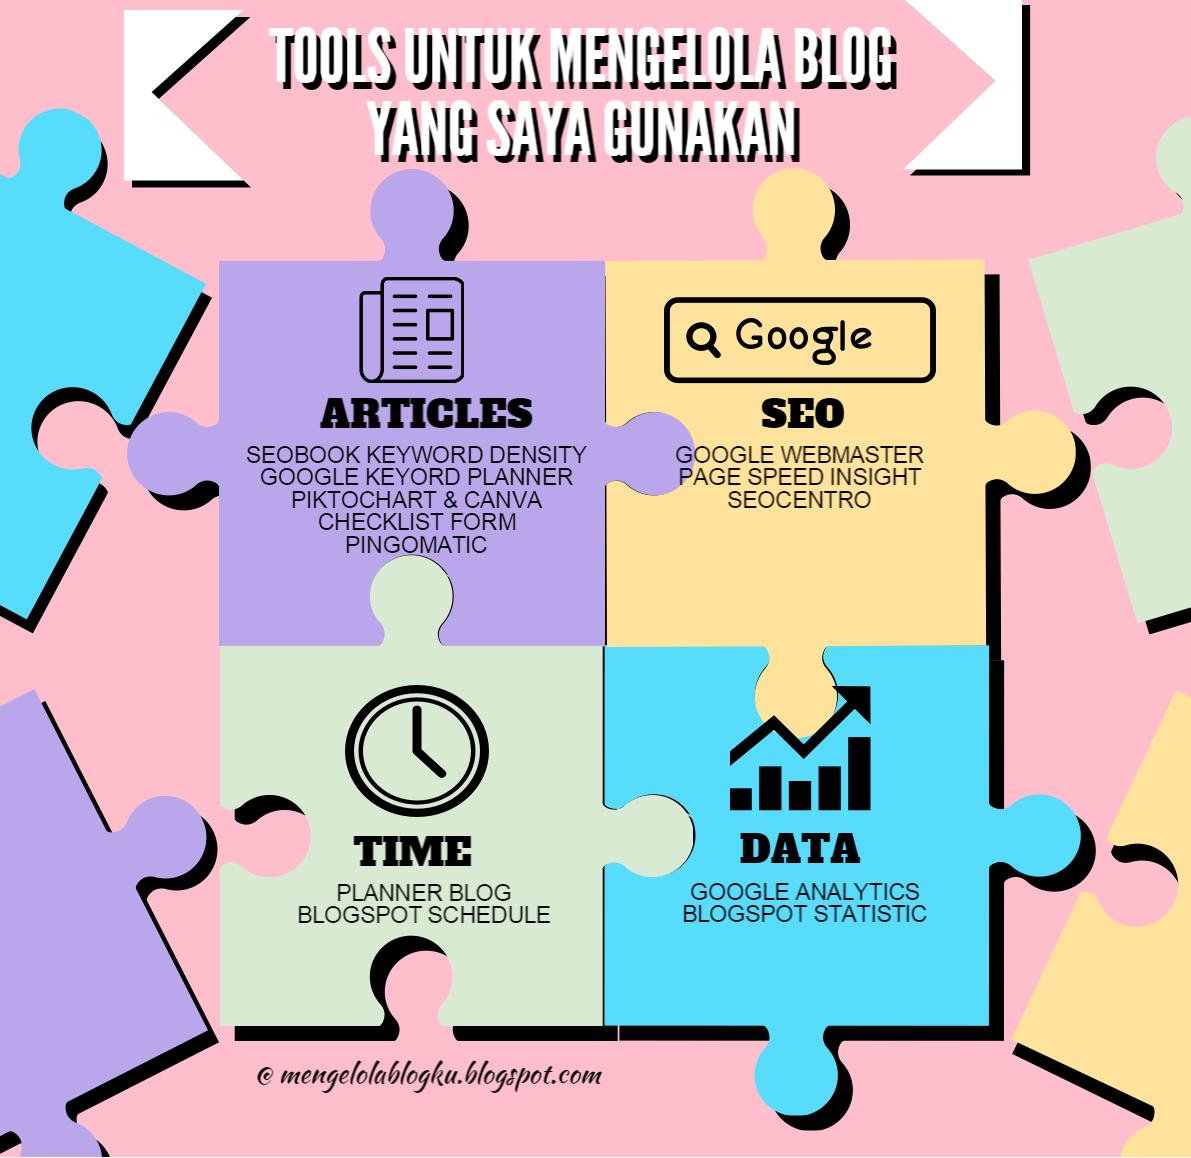 Tools-mengelola-blog-yang-penting-untuk-digunakan